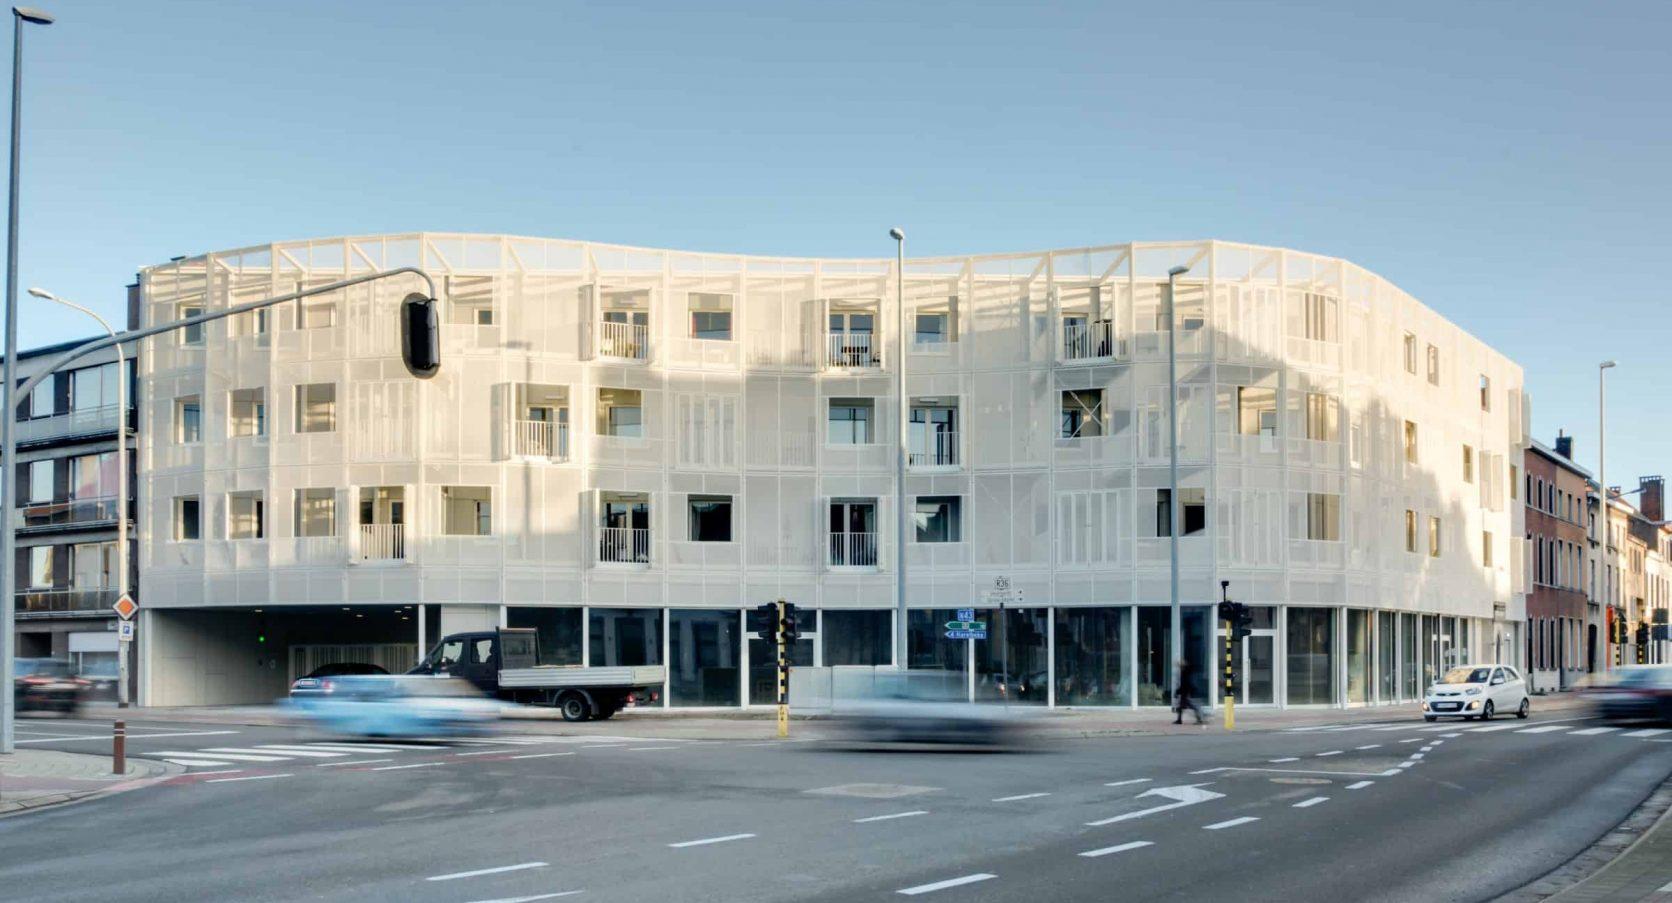 Voorkant van het woningbouwproject Gutenberg in Kortrijk België, voorzien van een gevel met MD Strekmetaal